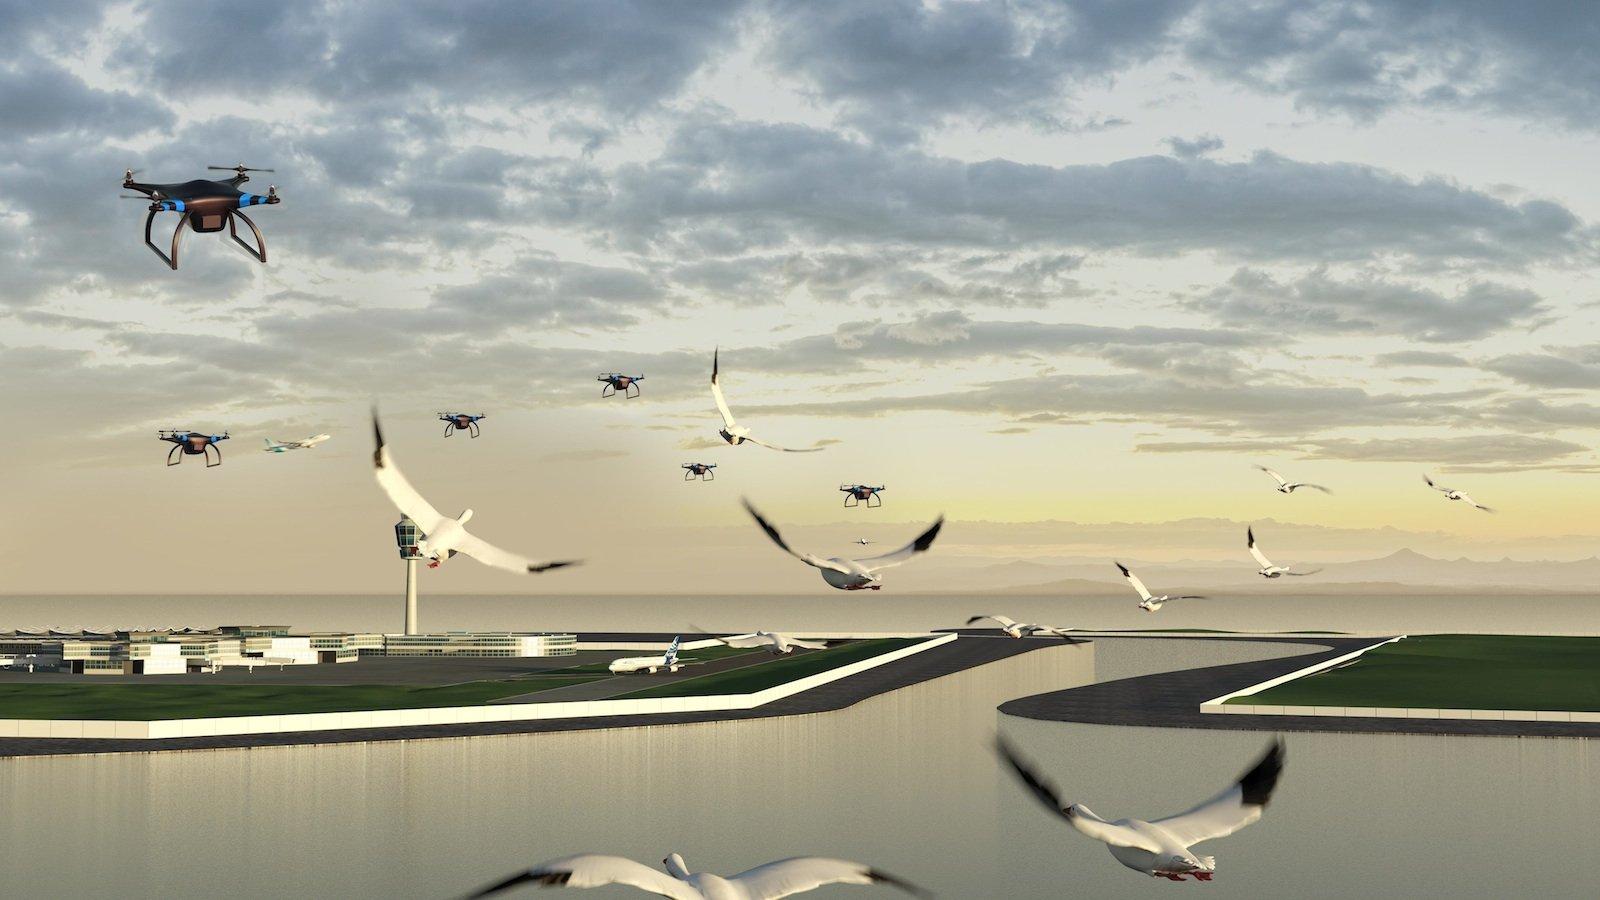 Immerhin bis ins Finale schaffte es auch das Team Birdport. DIe Idee: Drohnen sollen verhindern, dass Vögel in die Flugzeugturbinen geraten.